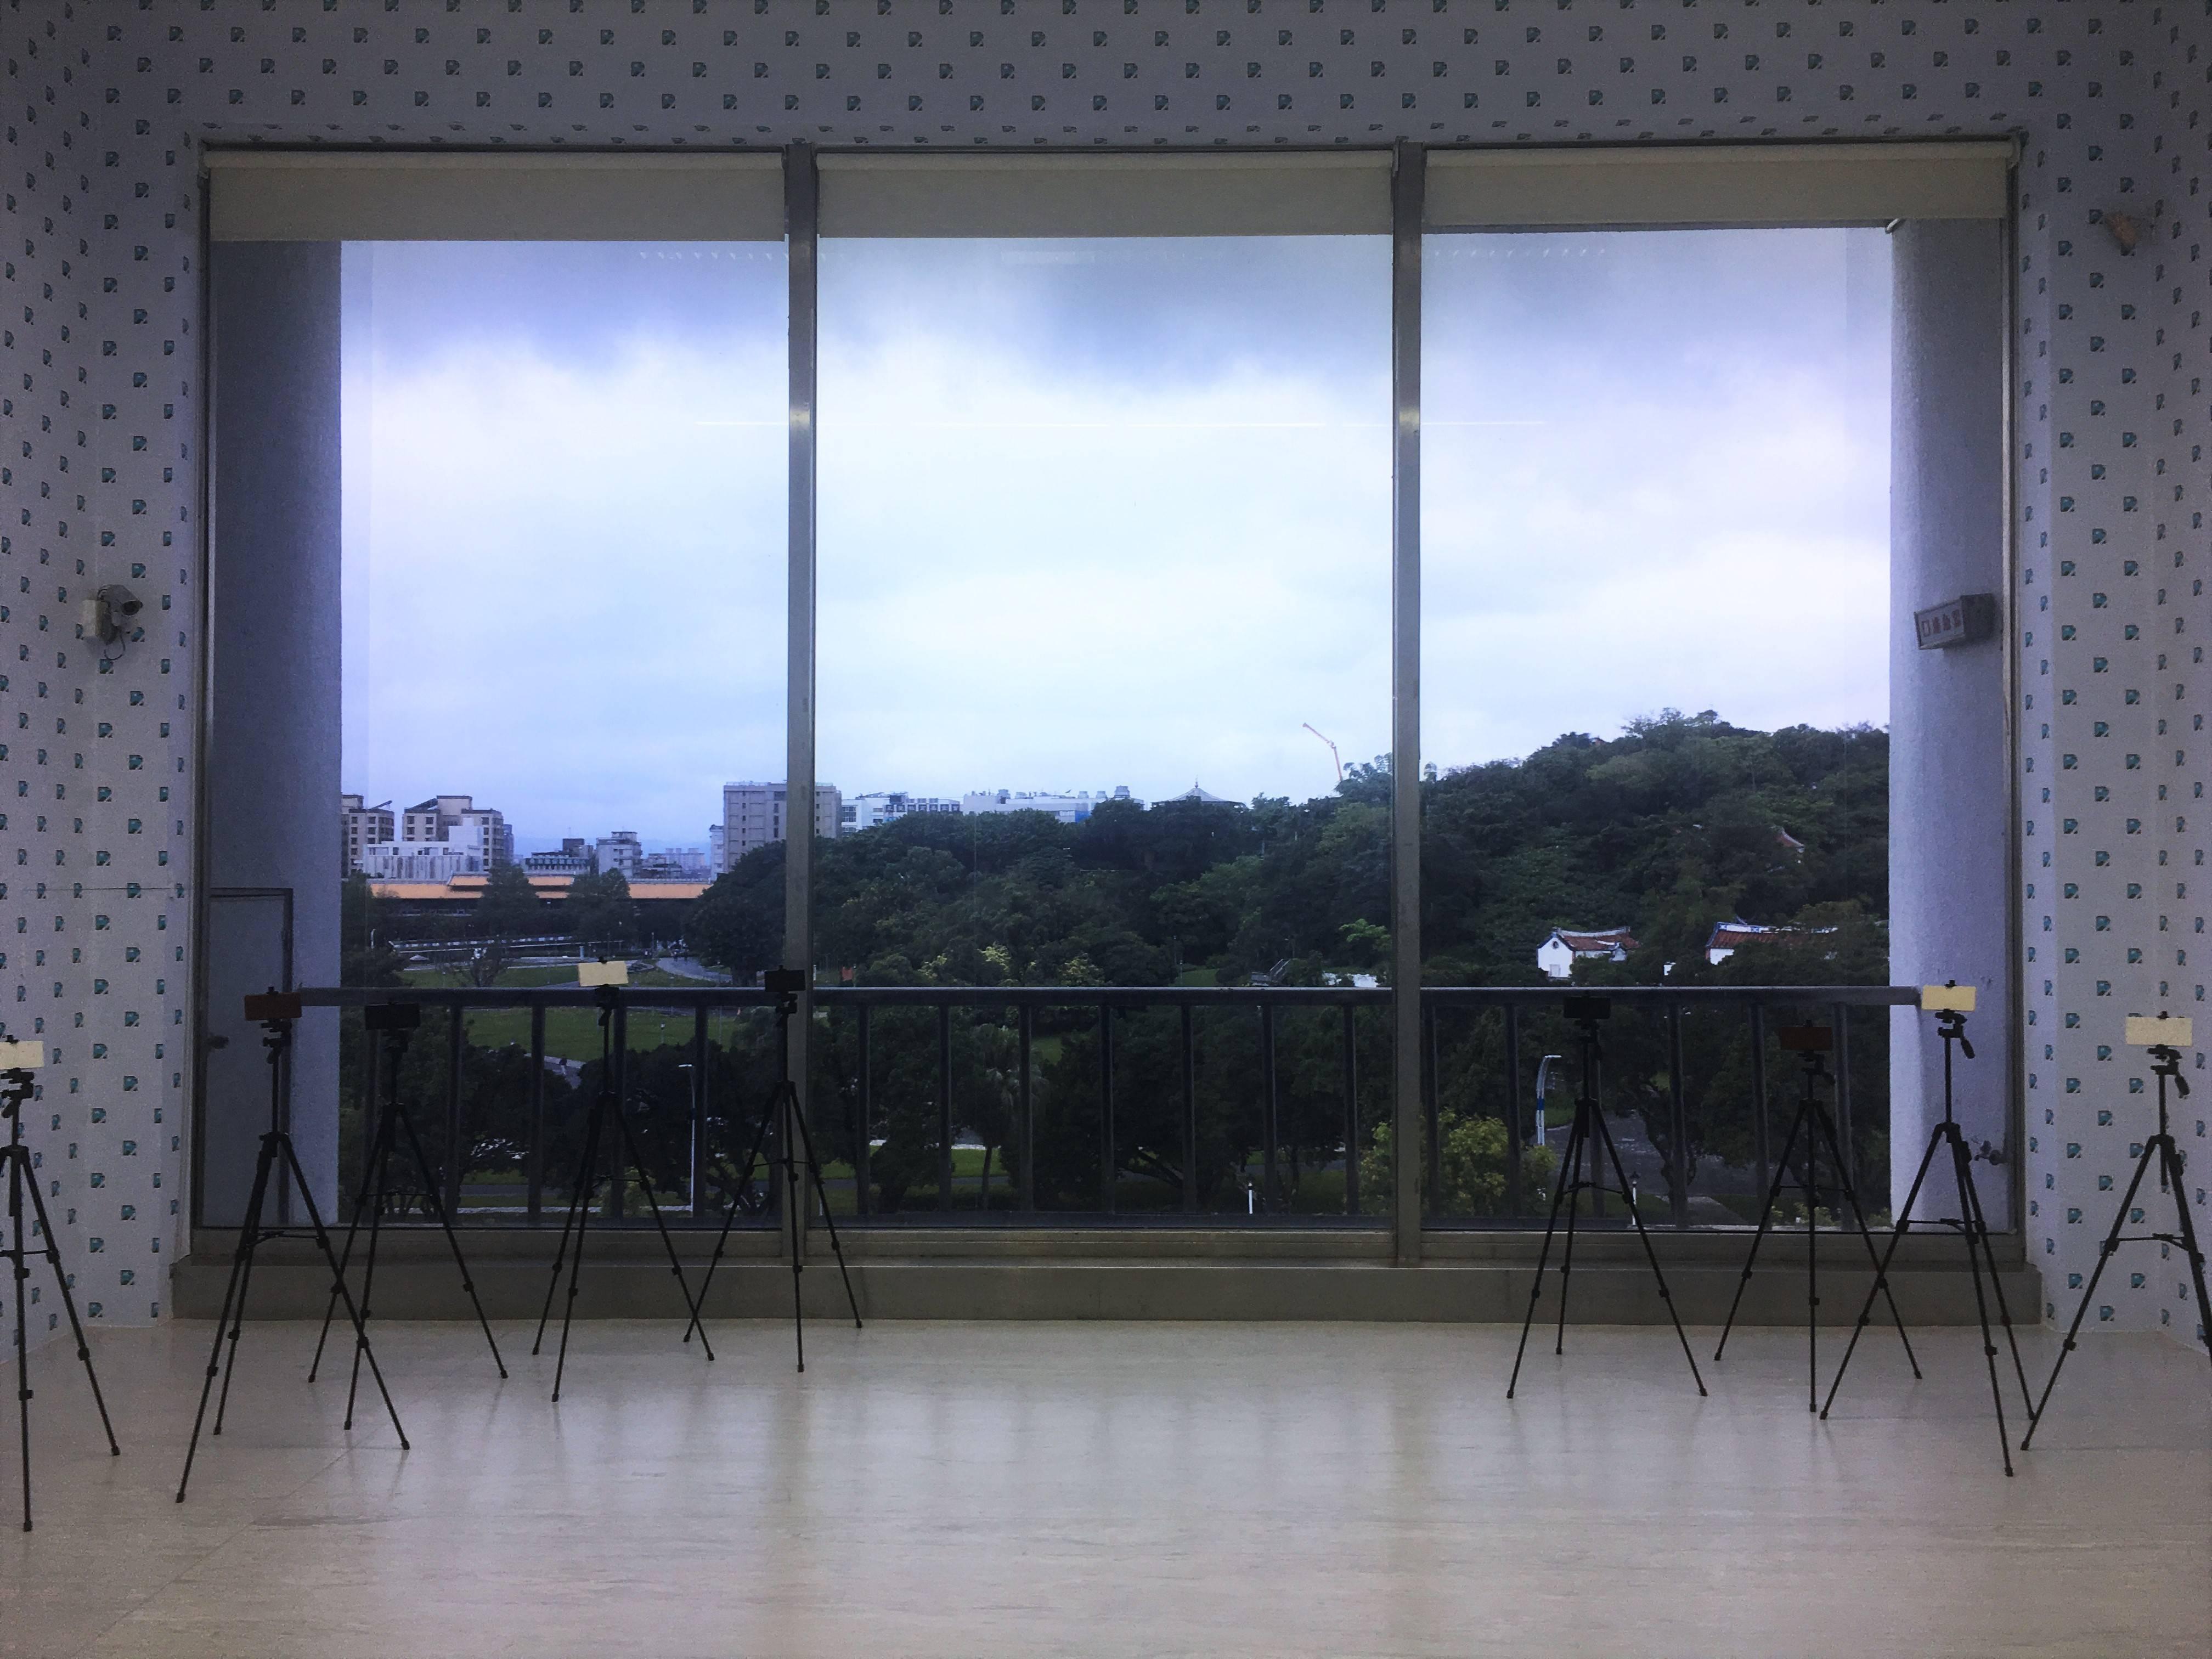 【在放鬆的多數的陽光下】李明學個展 李明學,《放鬆風景》,壁紙、拋光石材、自拍架、傳單架、壓克力畫,2019。